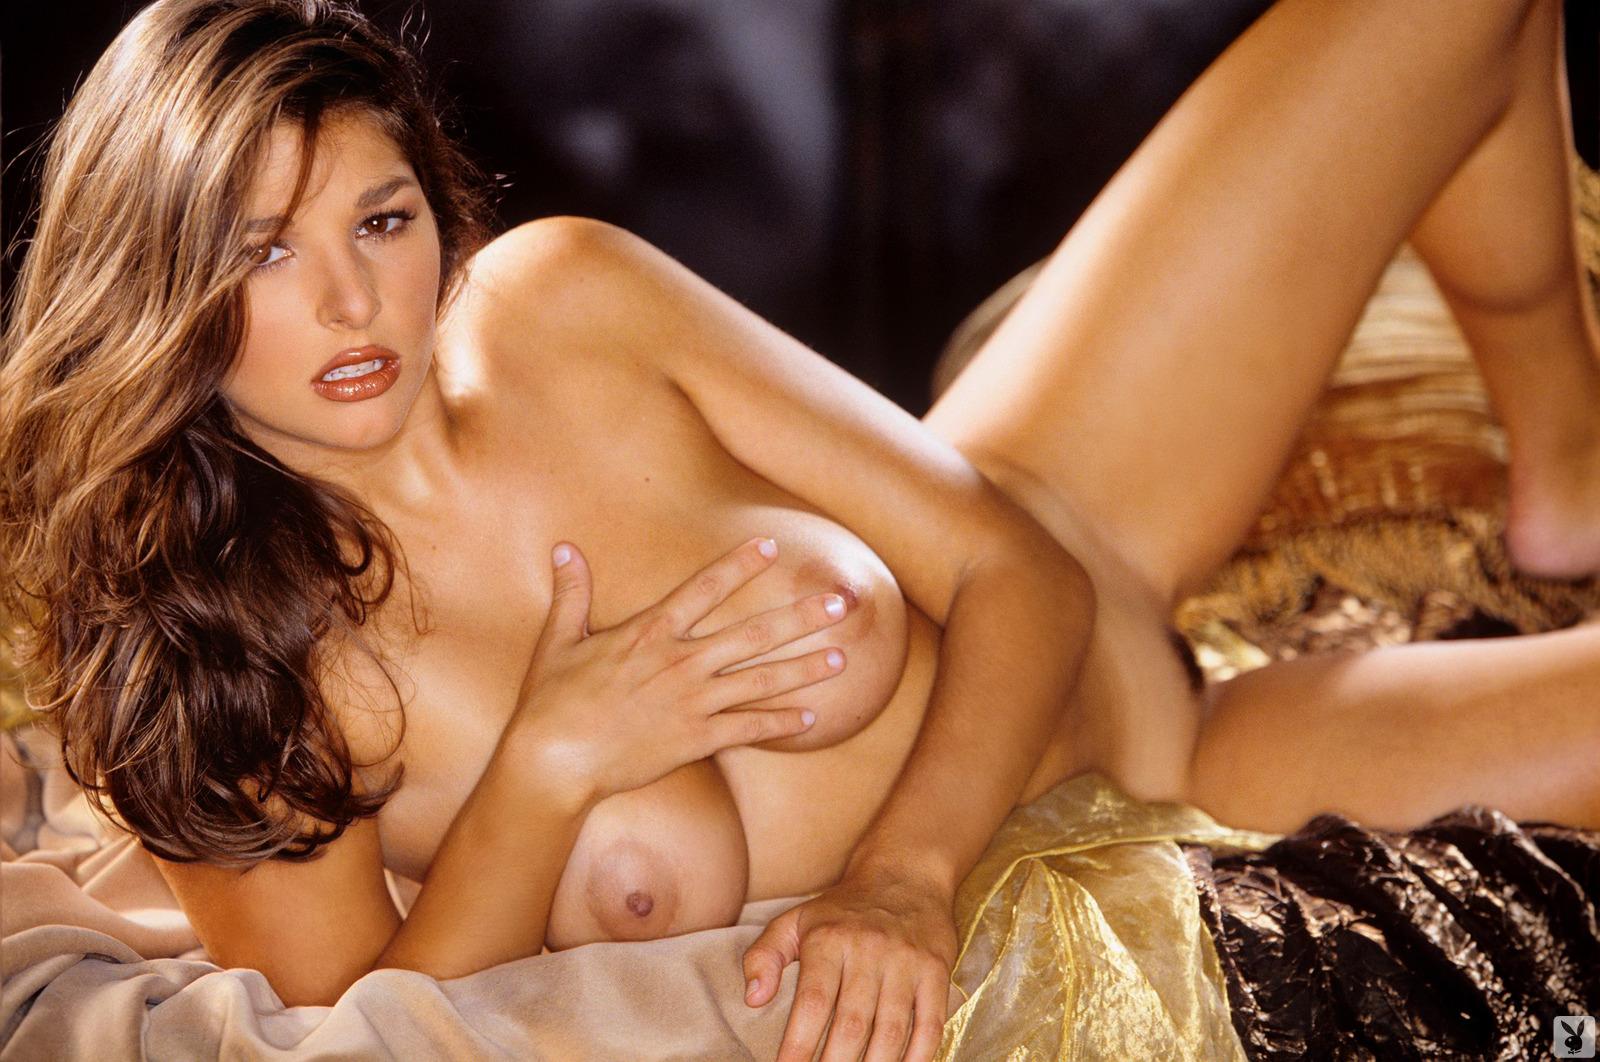 Секс плэй бой, Playboy Plus » Порно видео ролики смотреть онлайн 7 фотография